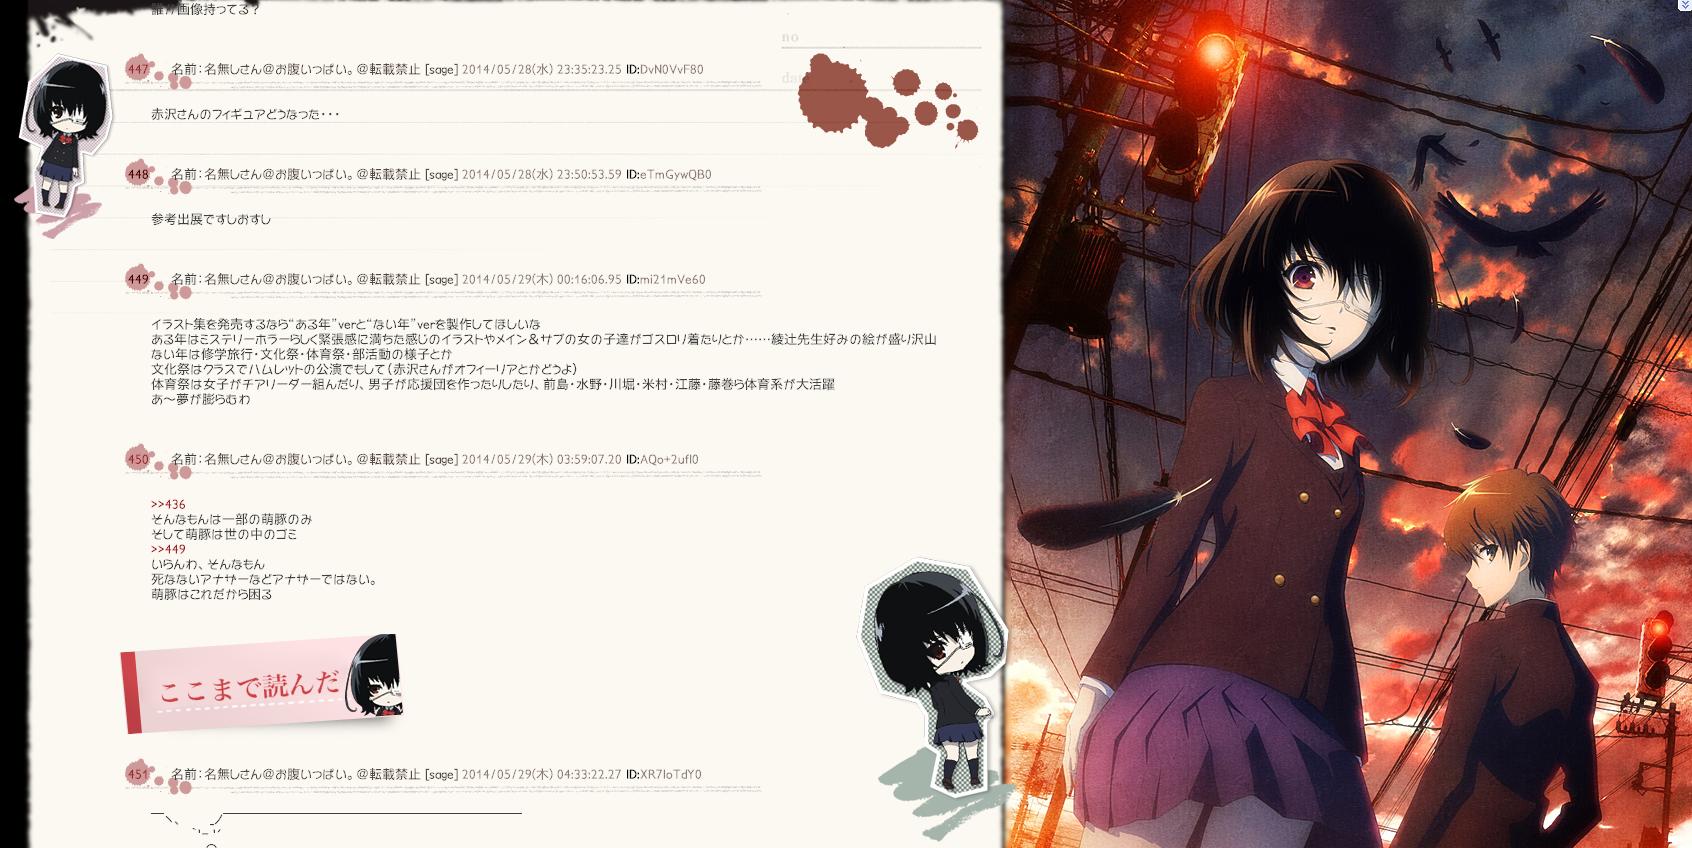 Jane スキン晒しスレ Part15【萌専用】->画像>76枚